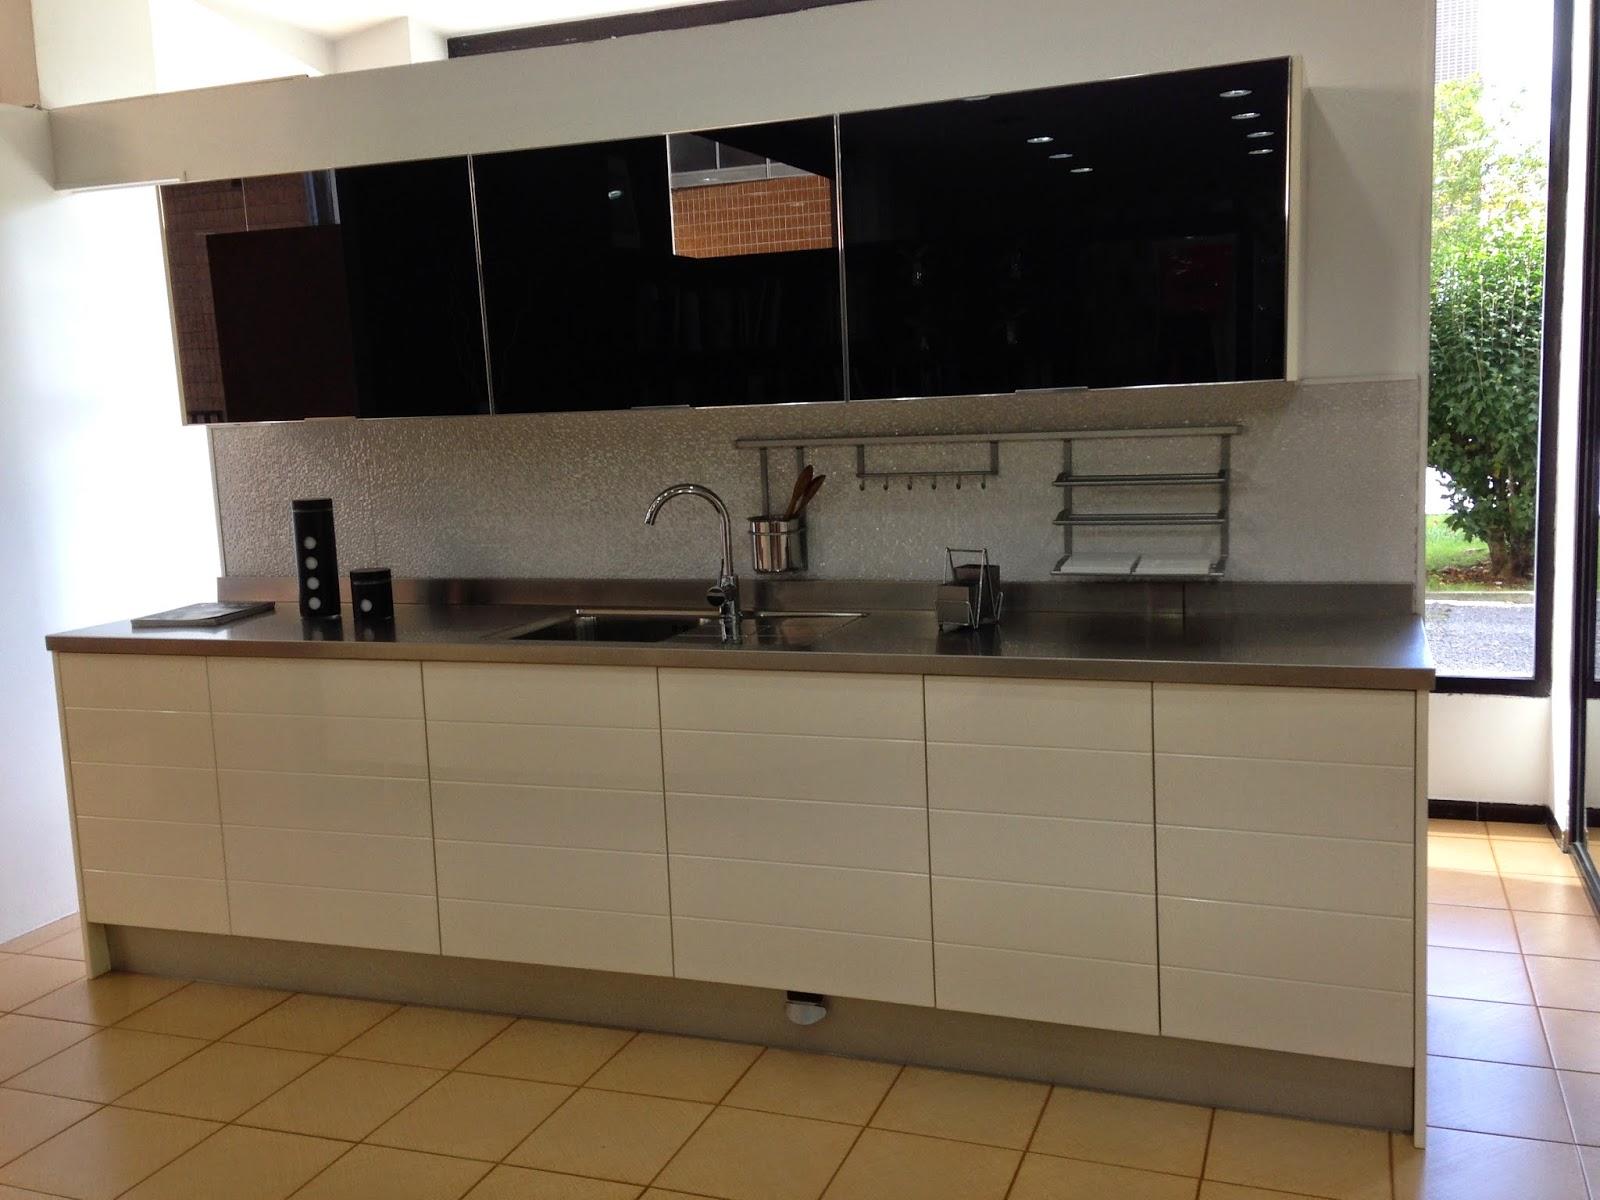 Precios especiales en muebles de cocina por cambio de for Muebles de cocina precios y modelos